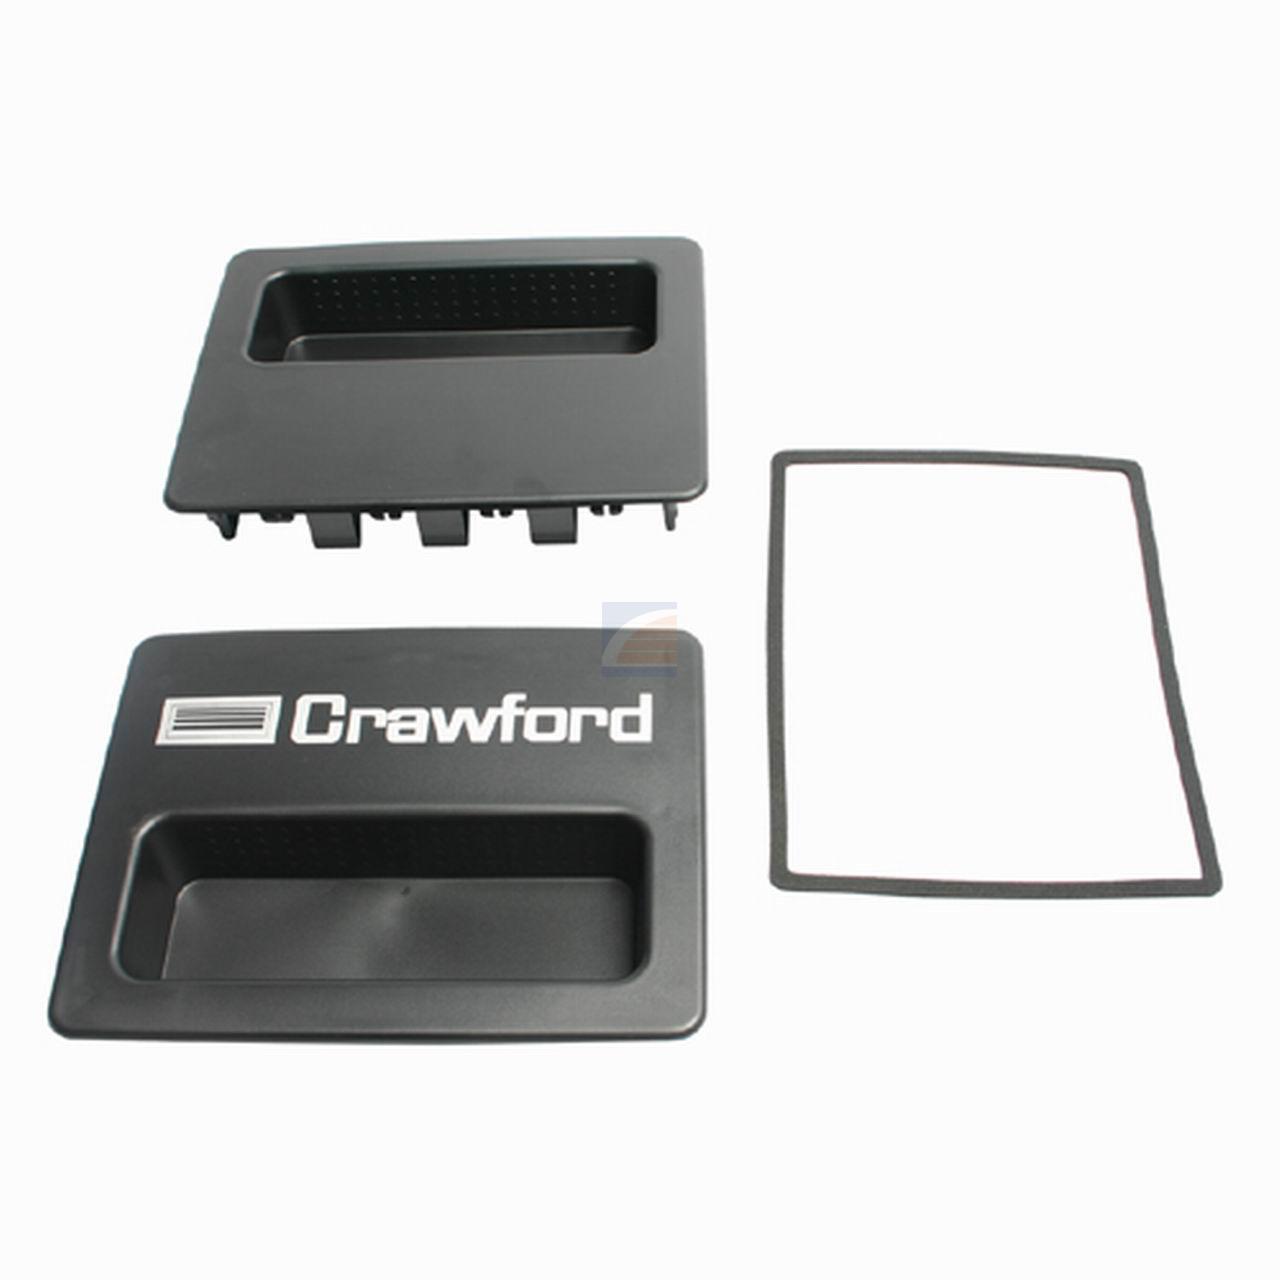 Crawford handgreep / voetplaat